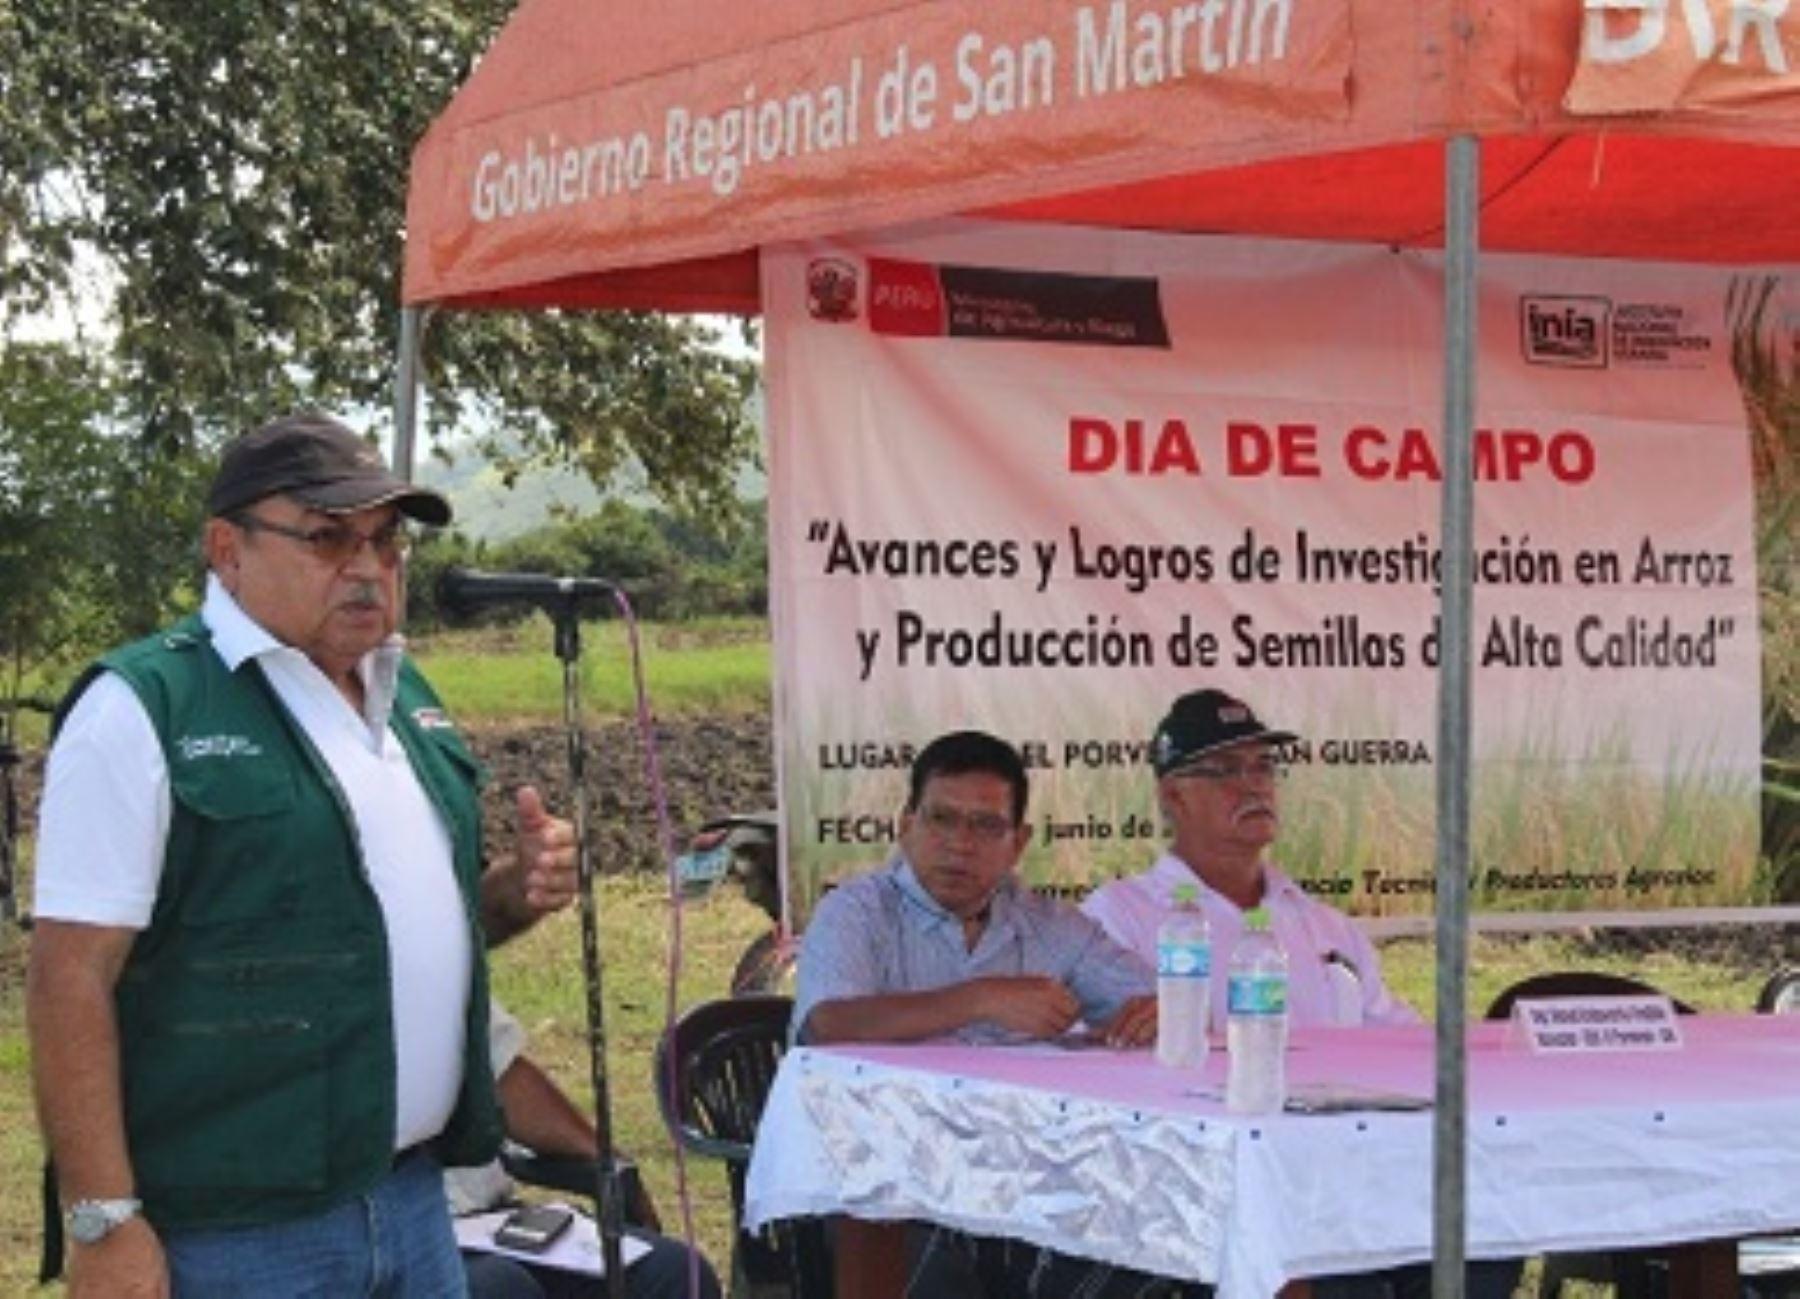 Los asistentes fortalecieron sus capacidades técnicas en manejo eficiente de fertilizantes e insumos para asegurar una buena cosecha, prevención de las principales plagas y enfermedades, entre otros.